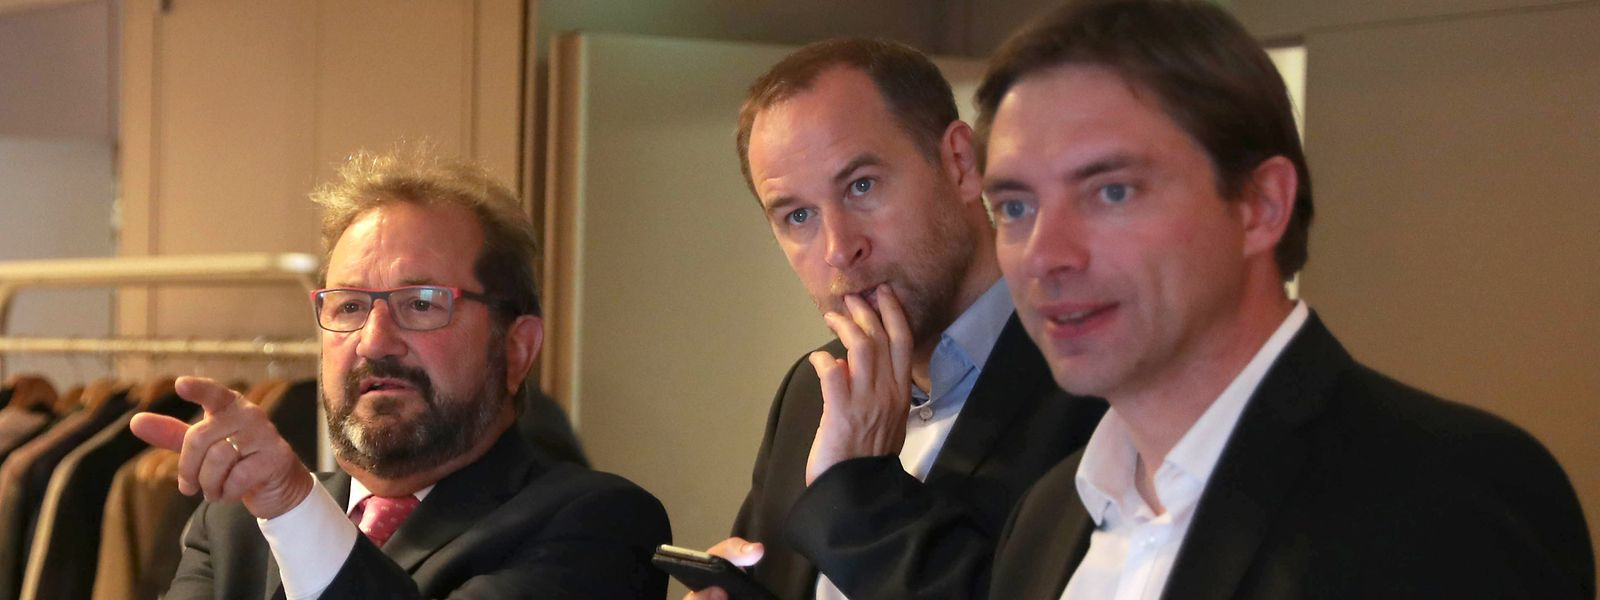 En cas d'élection dimanche de Gast Gibéryen à Strasbourg, Fred Keup (à droite) serait assermenté comme nouveau député ADR, ce dernier s'étant classé troisième dans le Sud.